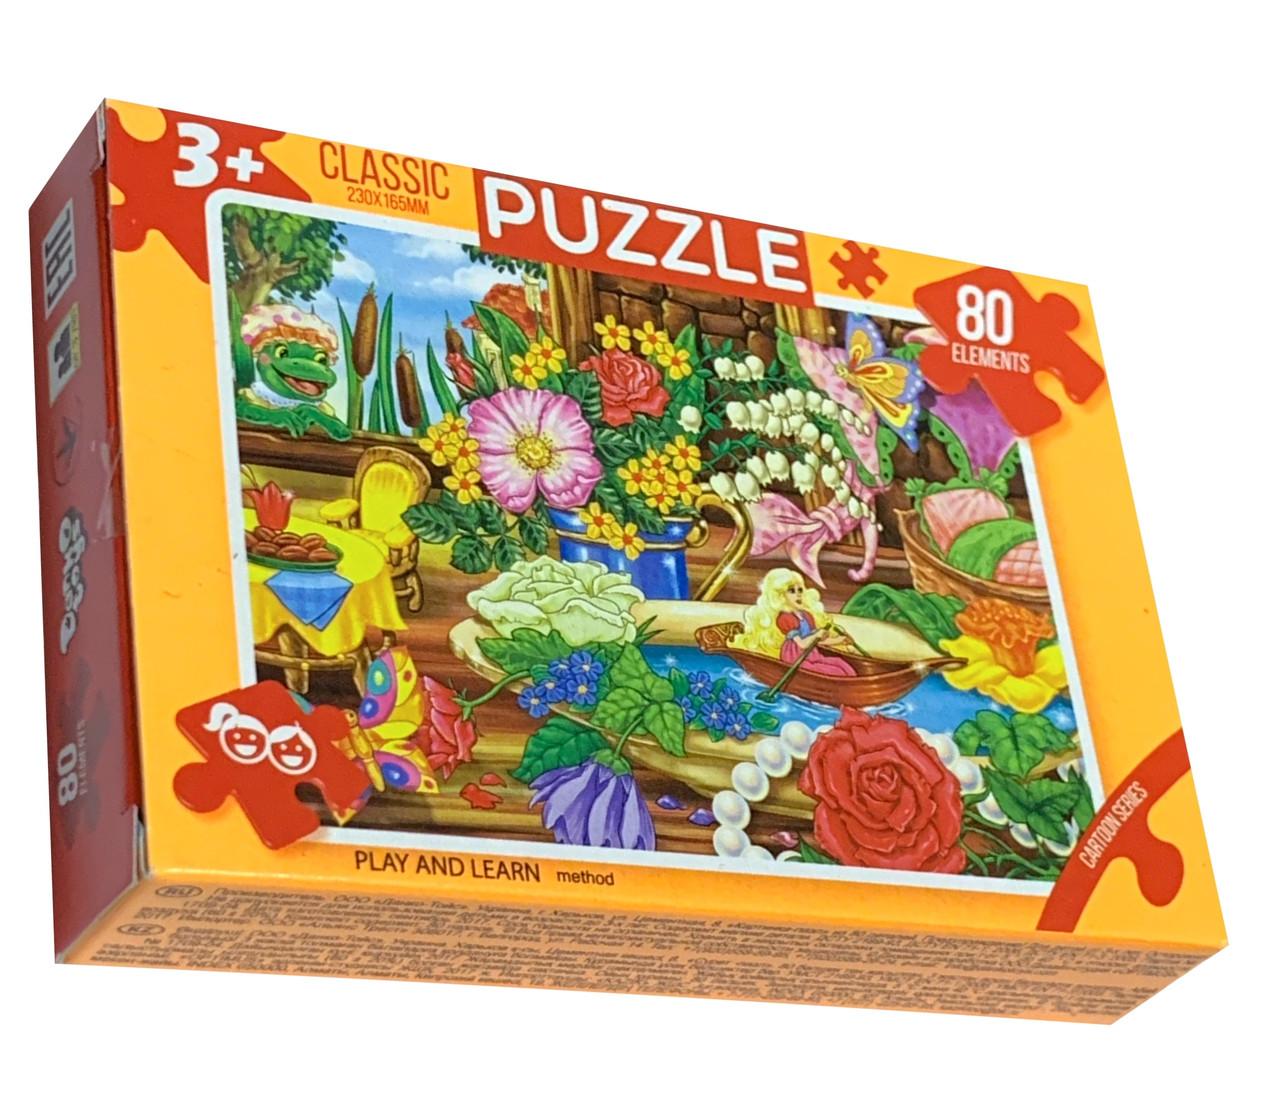 Пазлы детские PUZZLE 80 деталей 3+